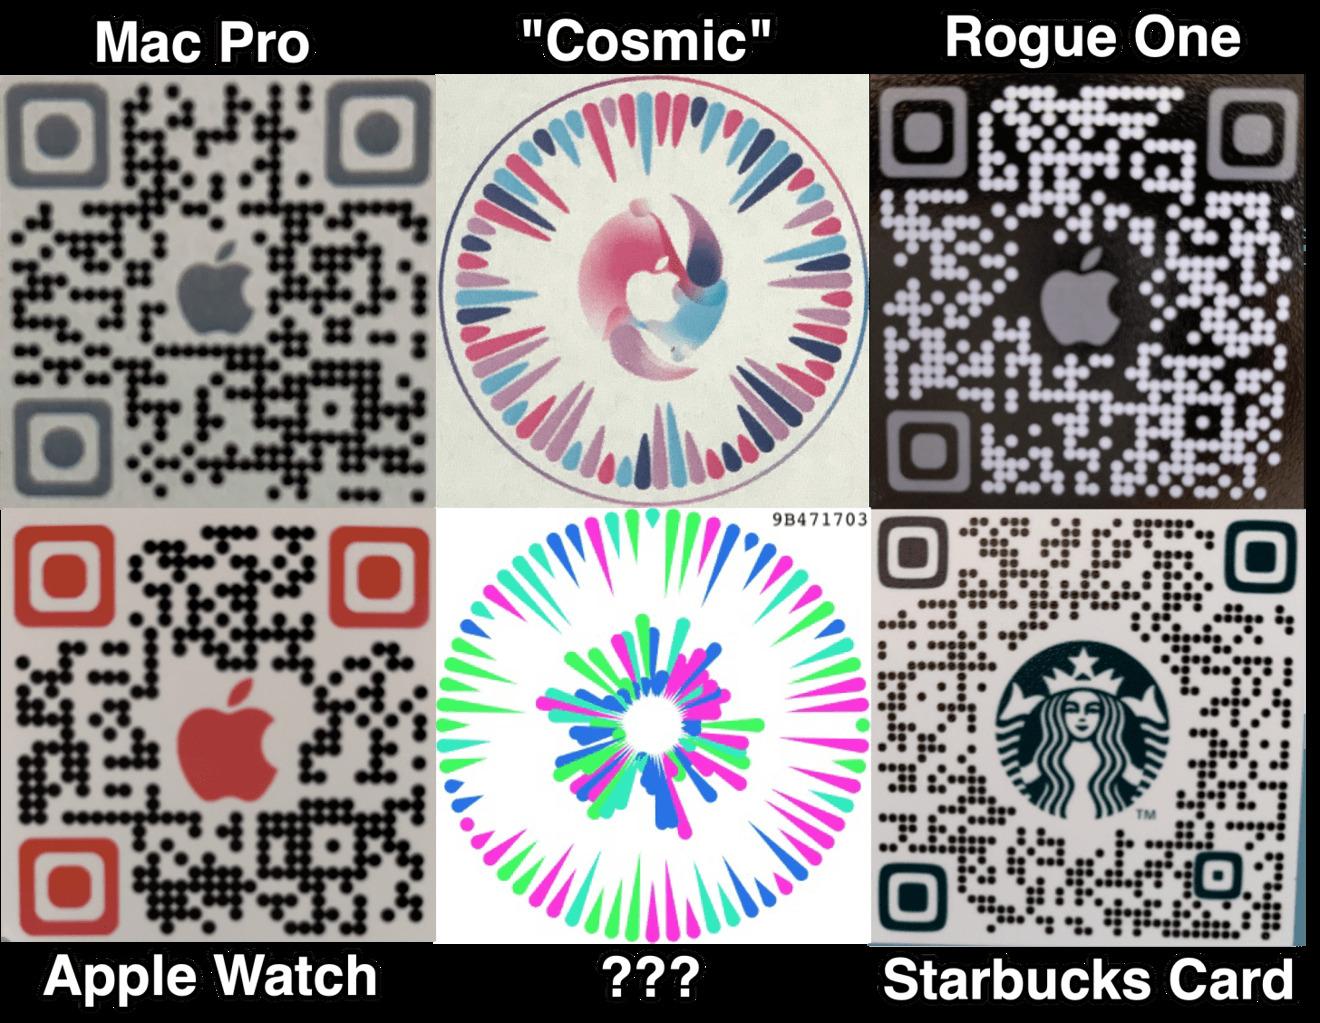 Nueva circular Apple Códigos QR, así como códigos QR más tradicionales, para usar en la aplicación Gobi. Crédito: Josh Constine